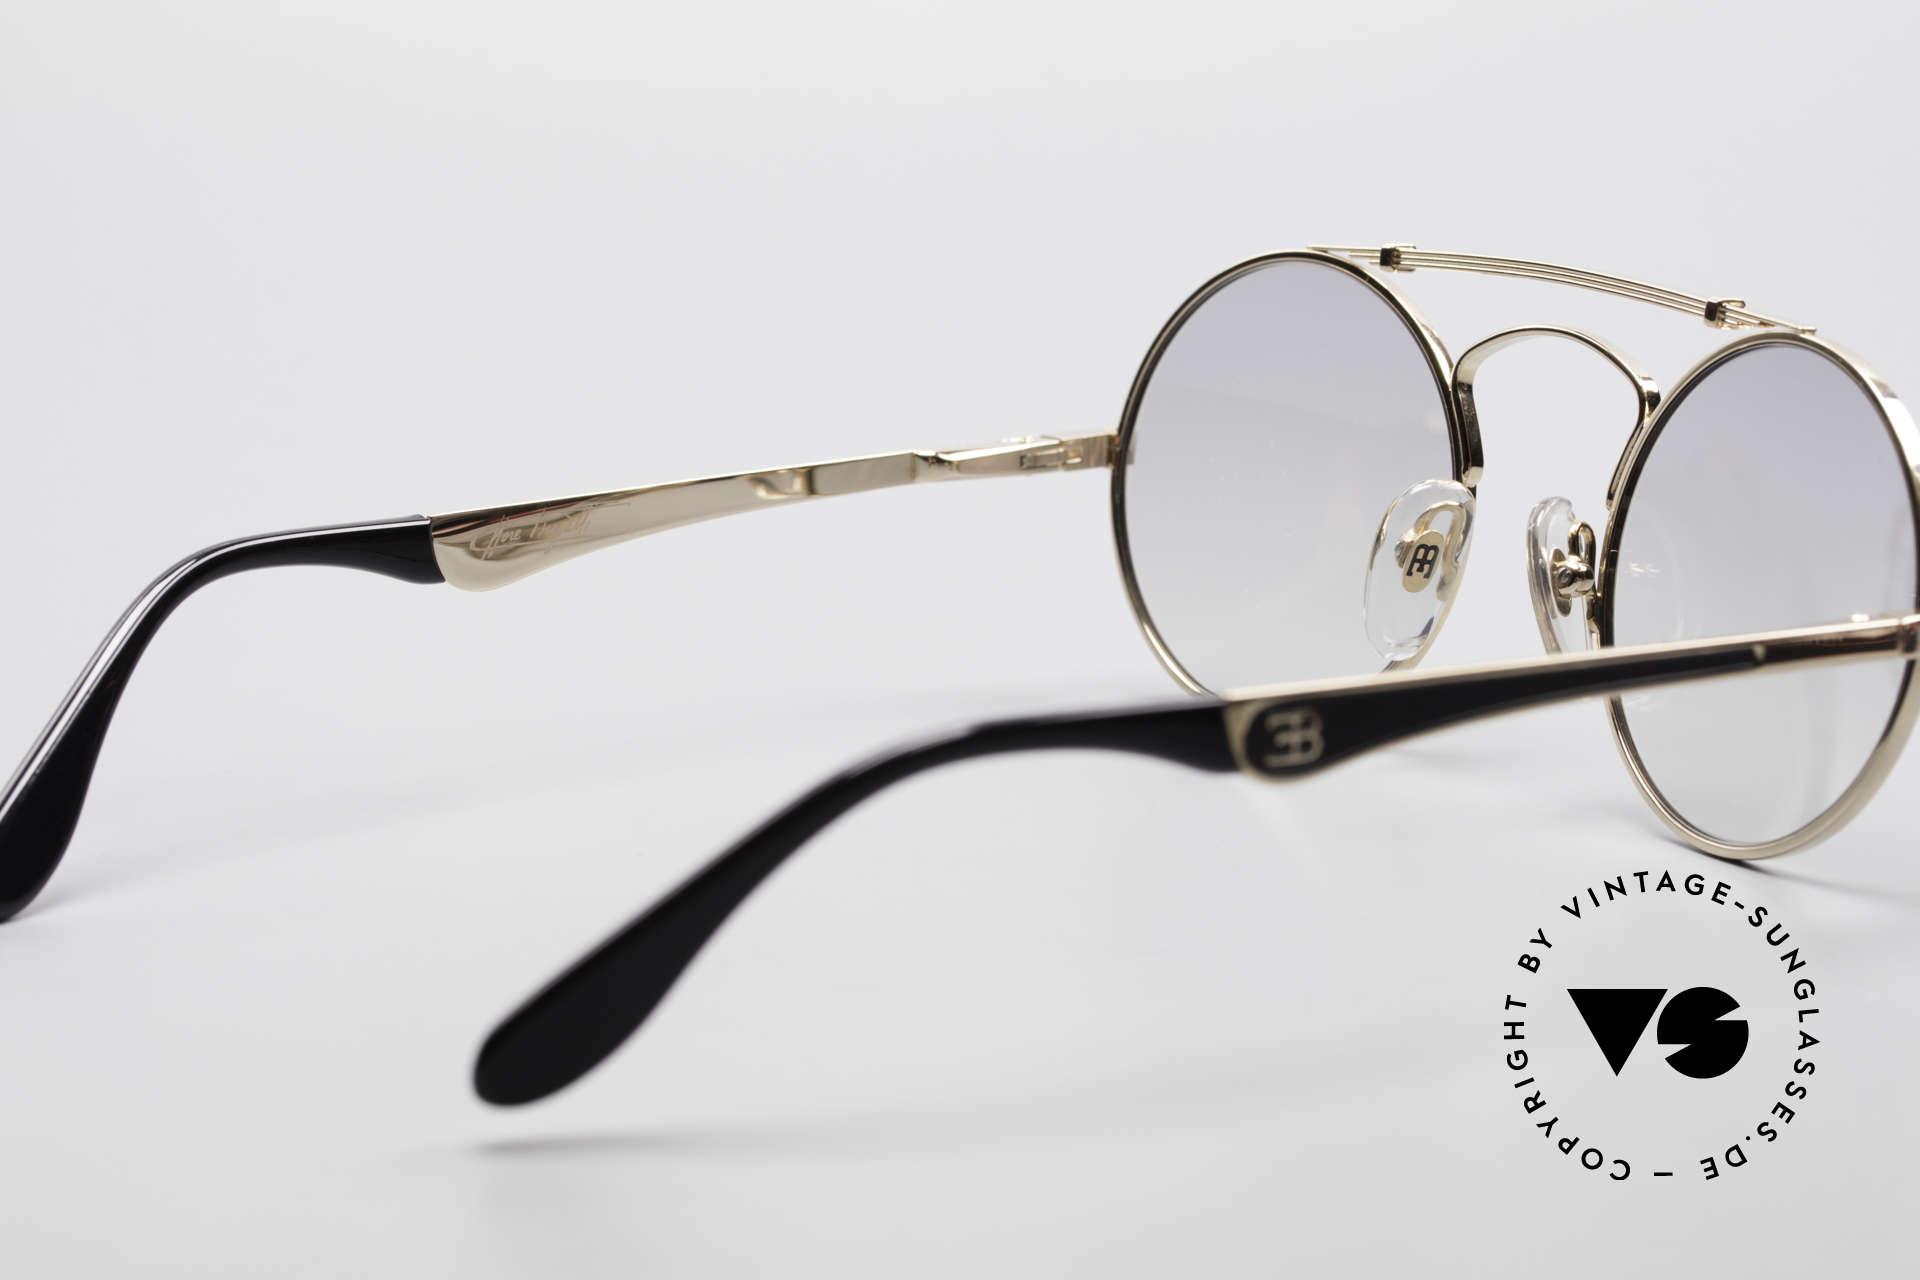 Bugatti 11711 Small Round Luxury Sunglasses, Size: small, Made for Men